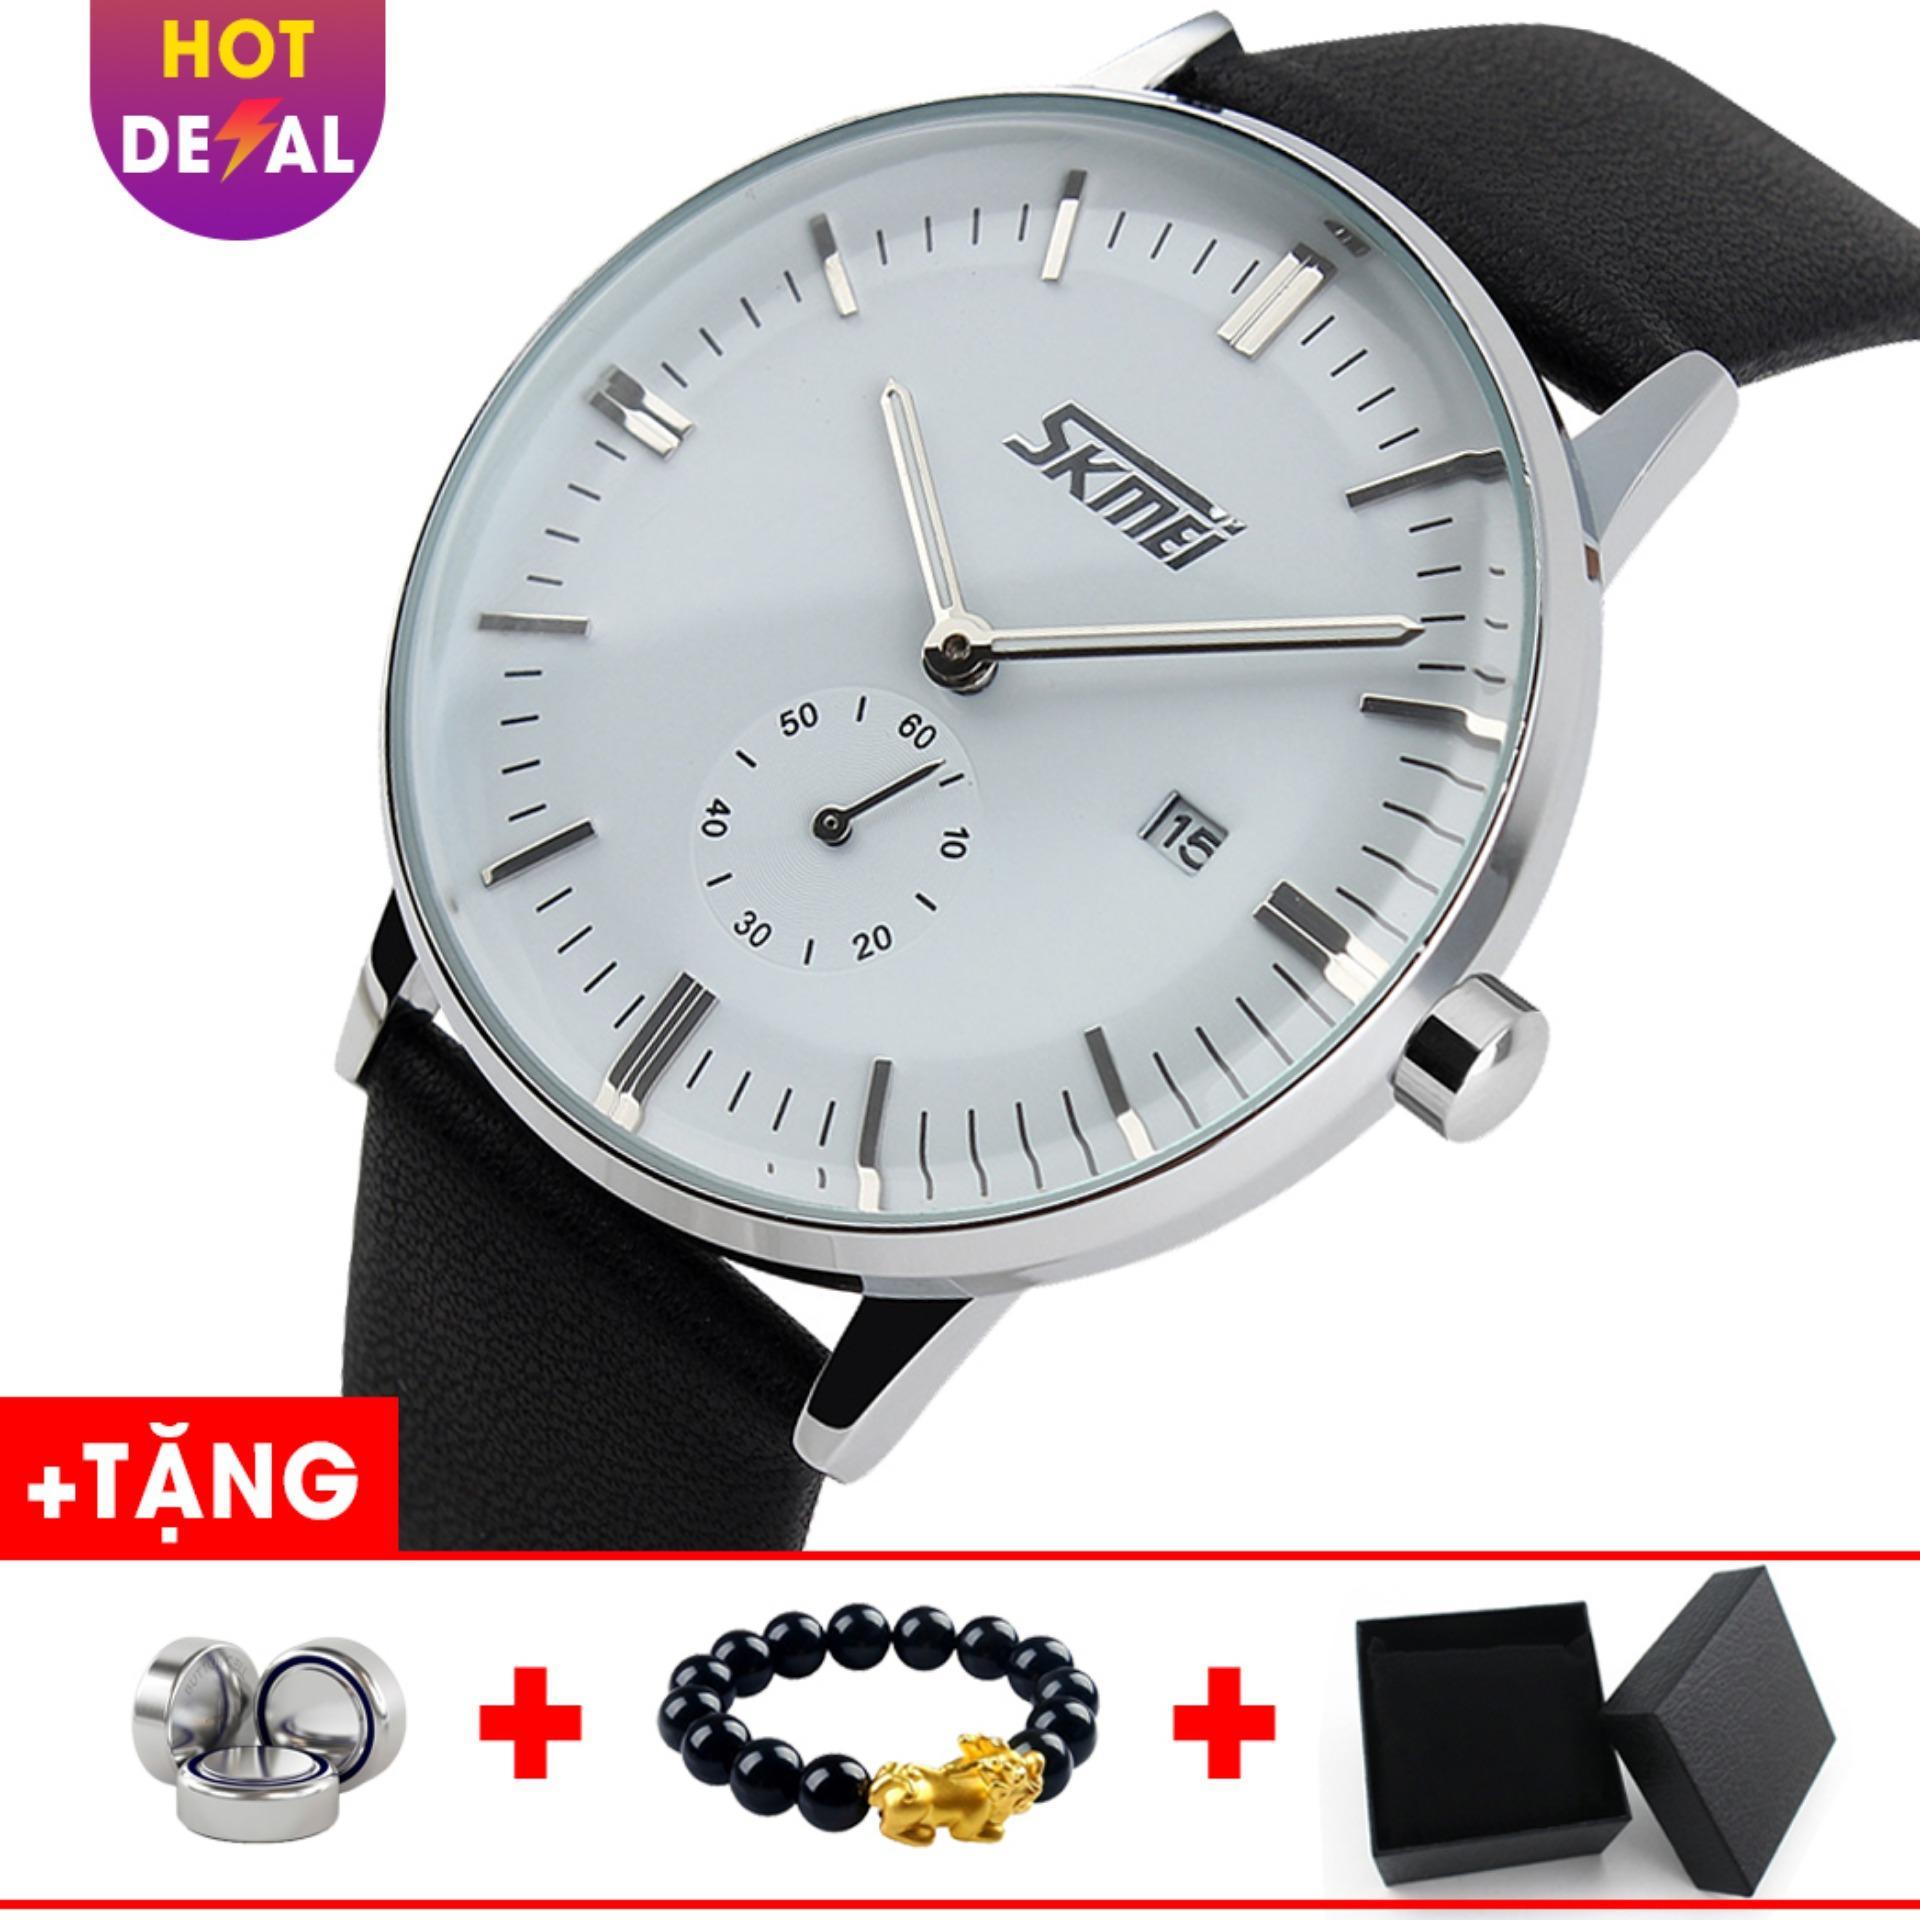 Đồng hồ nam dây da cao cấp SKMEI SK007 - Boss Watches (Trắng) bán chạy